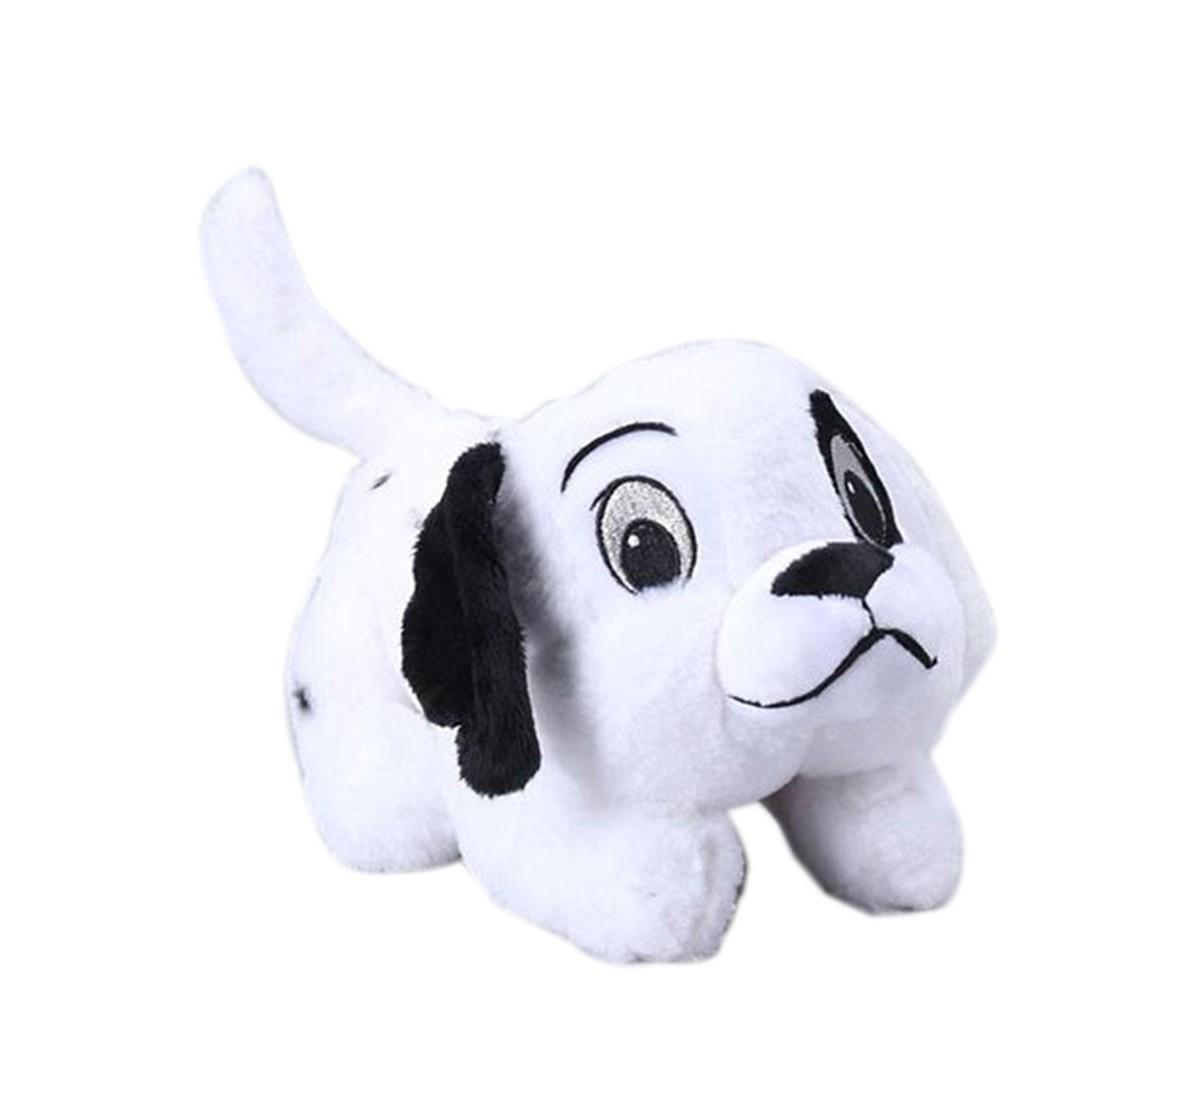 Disney Dalmatian Lying 25 Cm Soft Toy for Kids age 1Y+